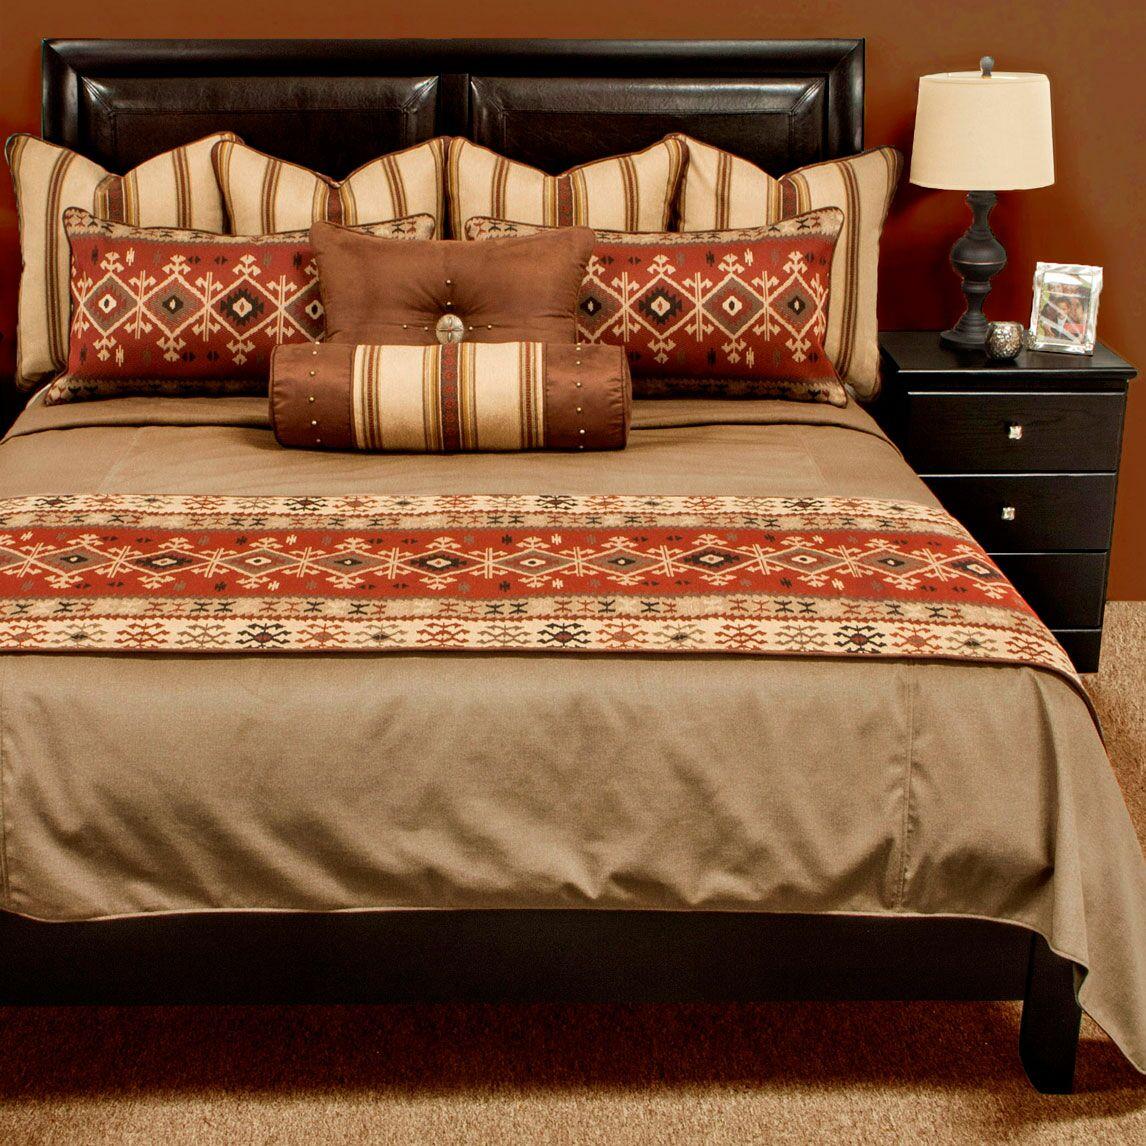 Hanover Bed Runner Size: King